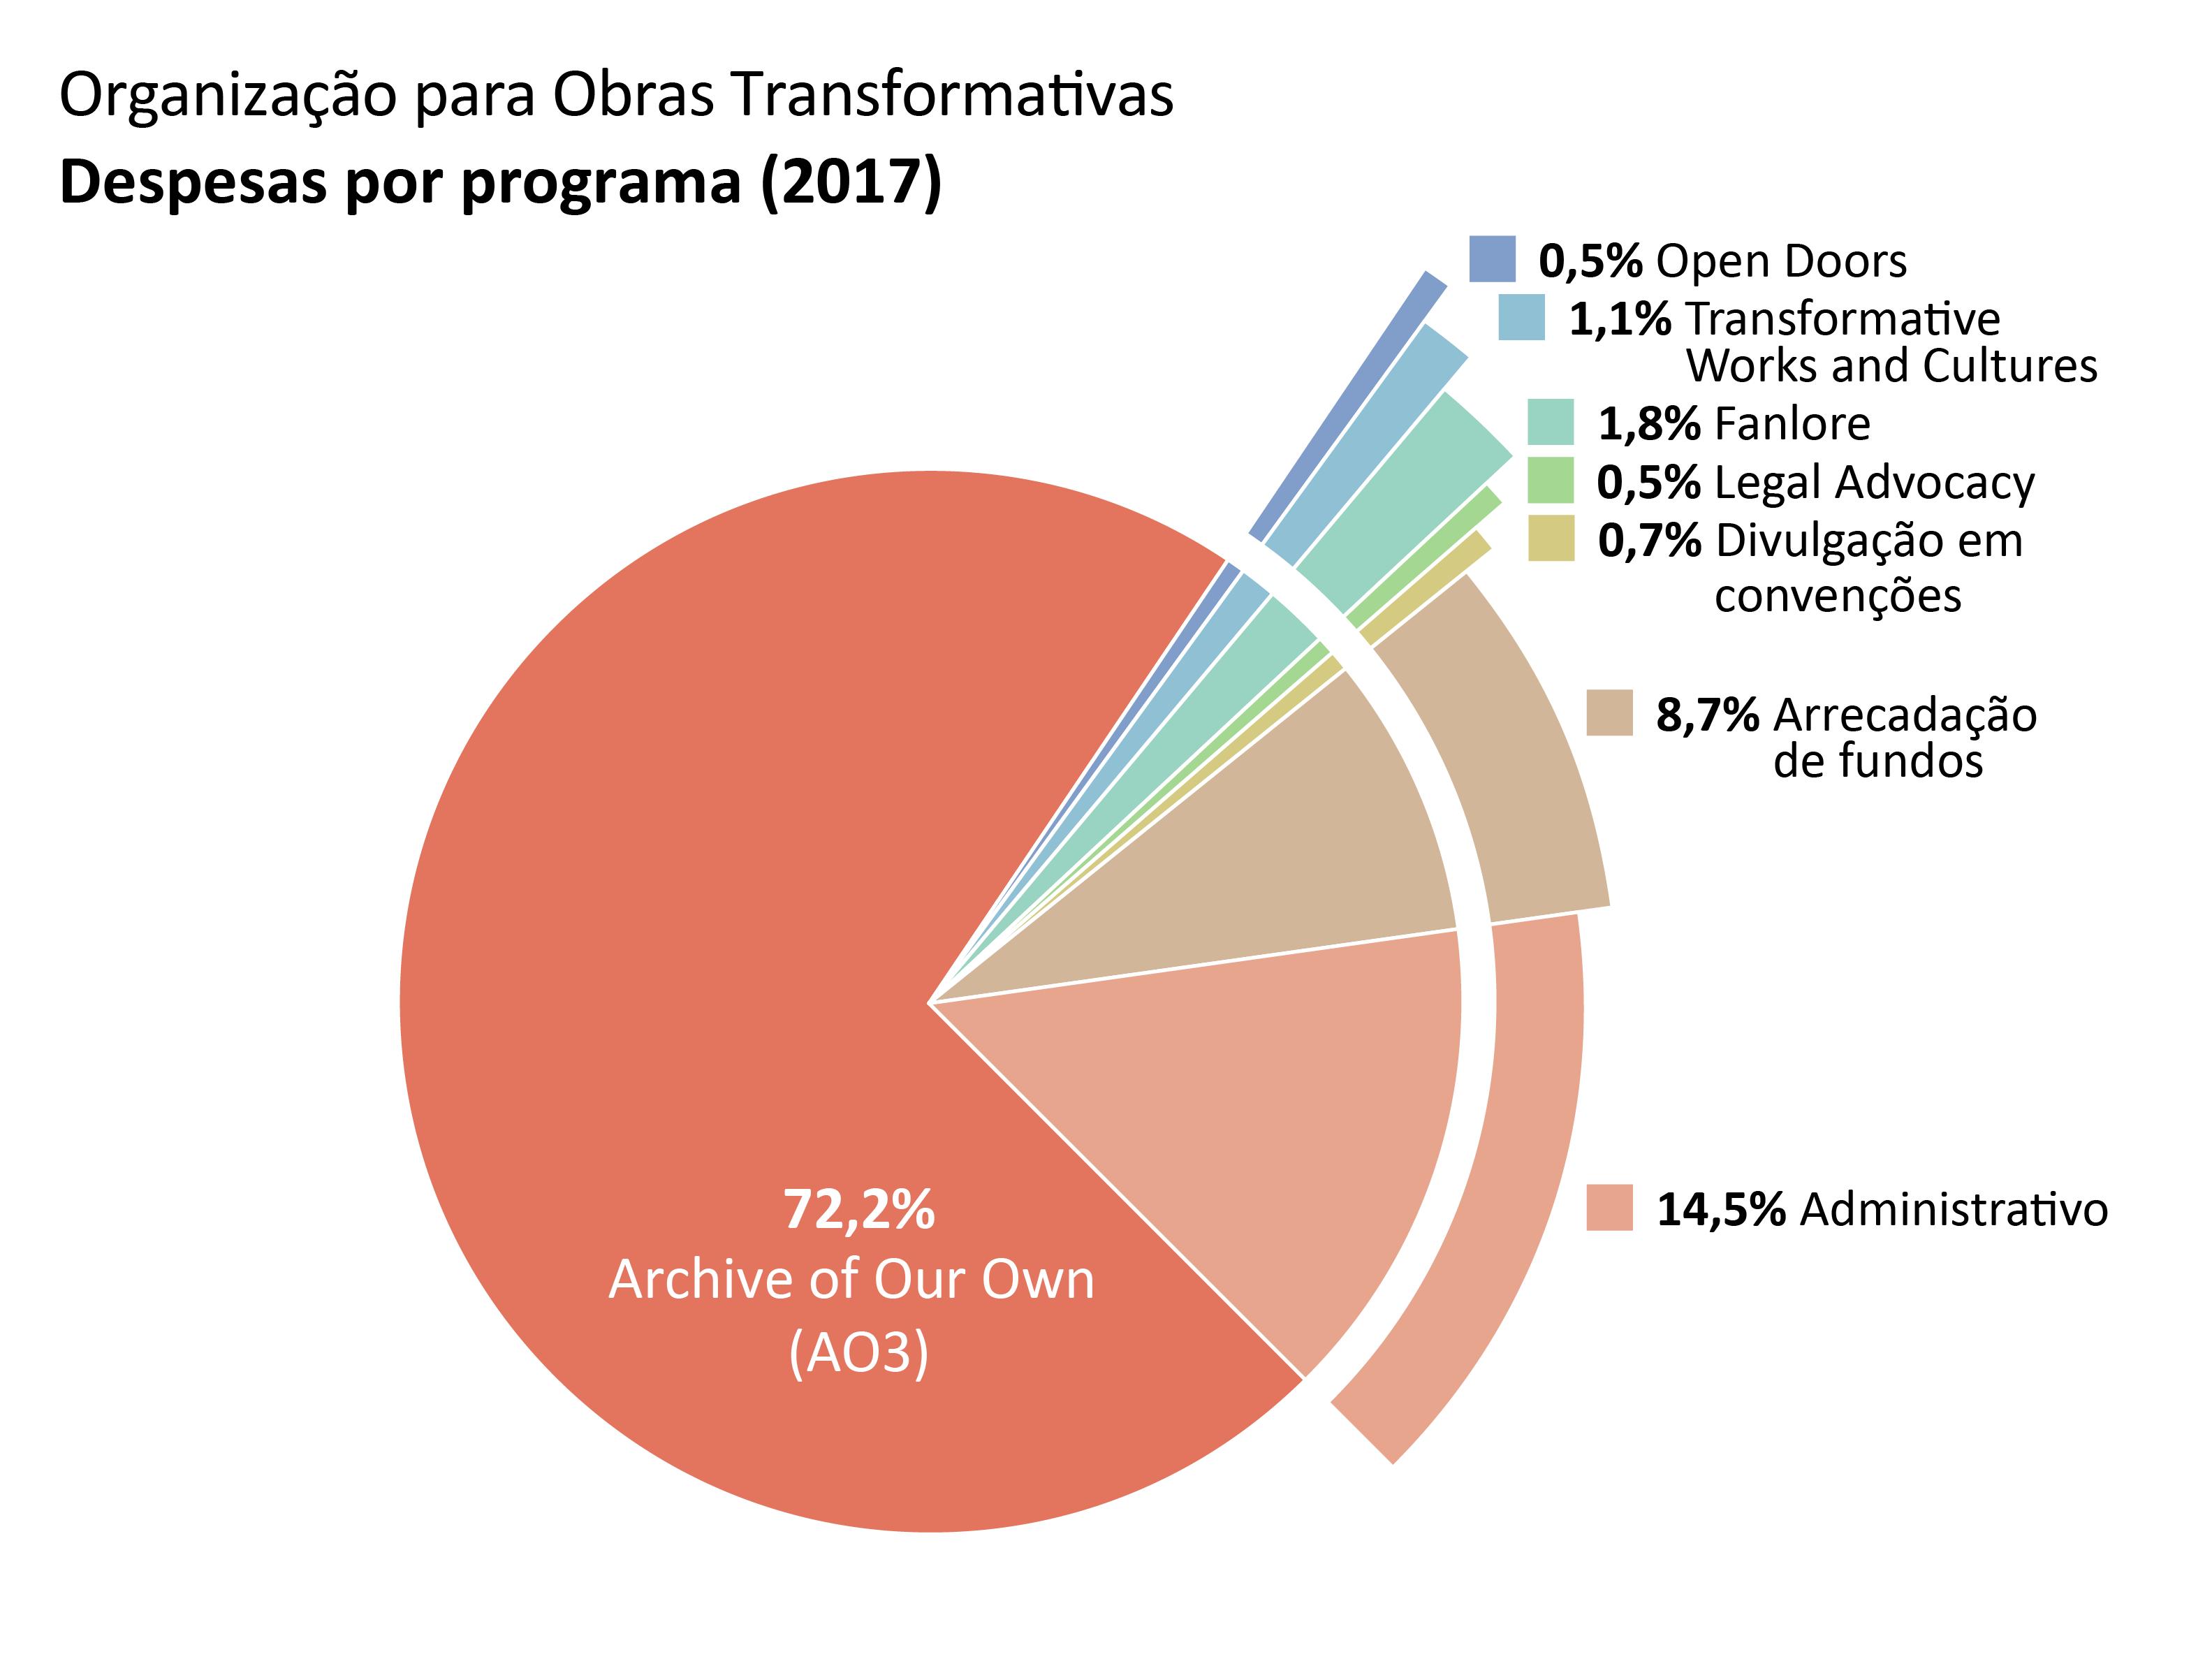 Despesas por programa: AO3: 72,2%. Open Doors (Portas Abertas): 0,5%. TWC: 1,1%. Fanlore: 1,8%. Legal Advocacy (Ativismo Jurídico): 0,5% Divulgação em convenções: 0,7%. Administrativo: 14,5%. Arrecadação de fundos: 8,7%.